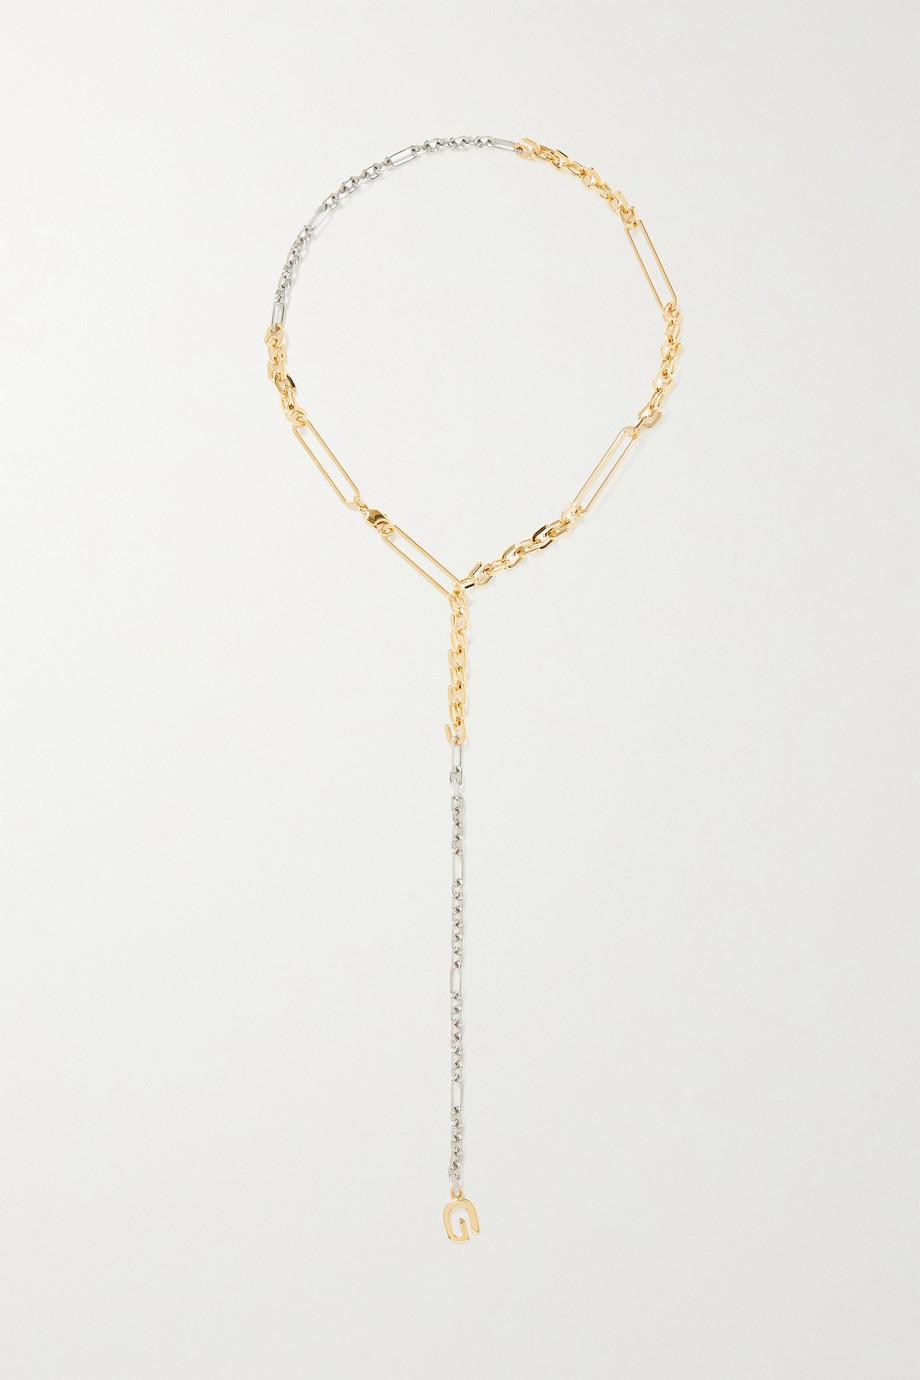 Givenchy Collier en métal doré et argenté